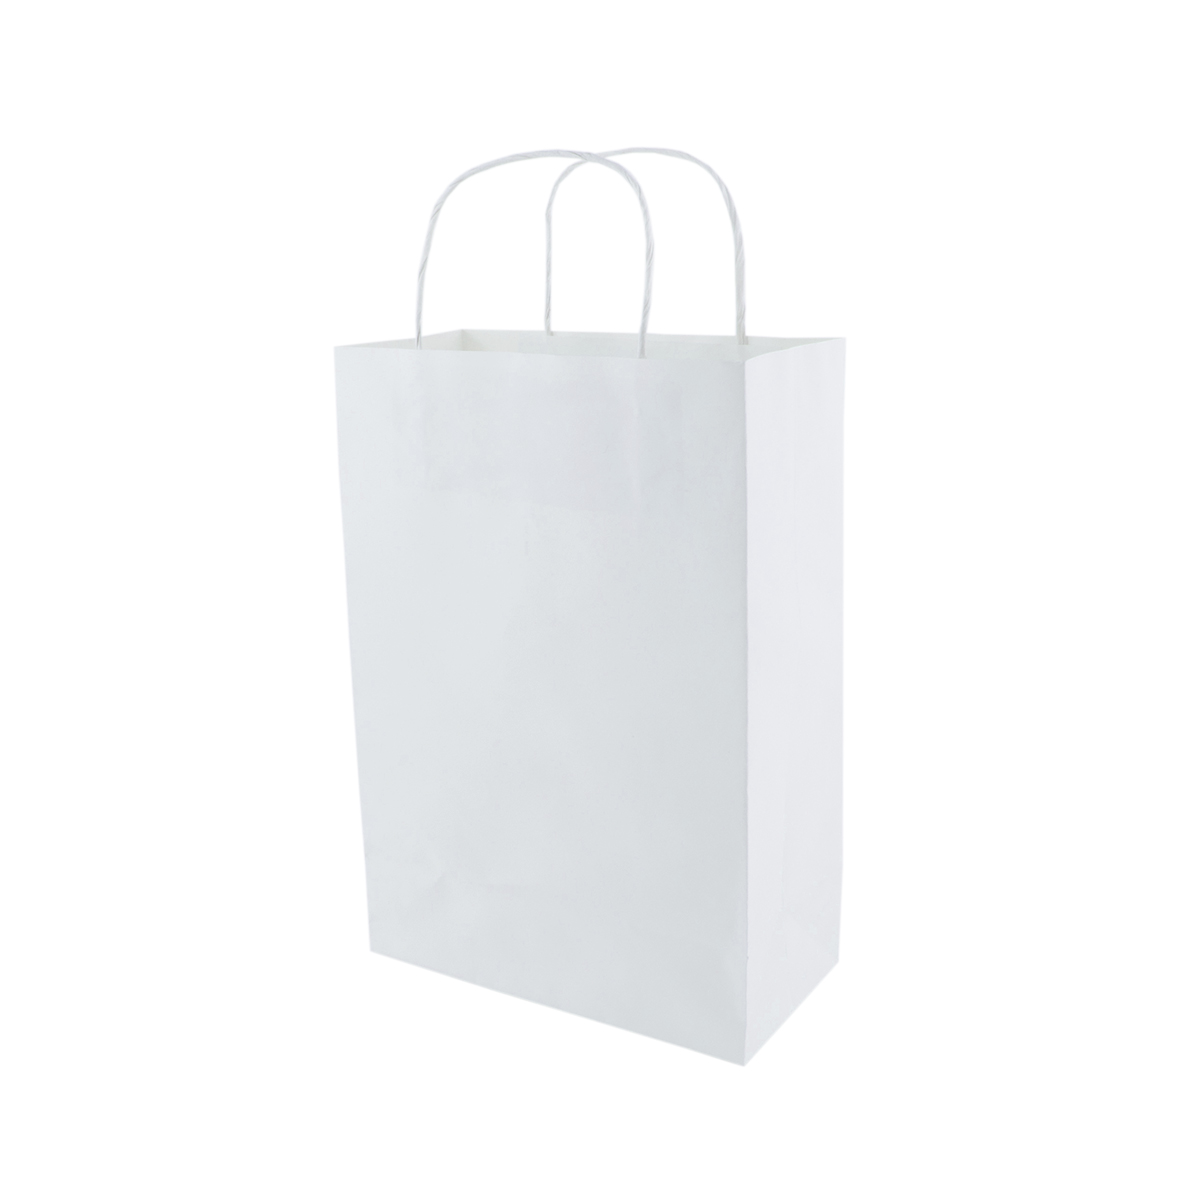 Sacola Branca Pequena 26x18x9 - 50 Unidades